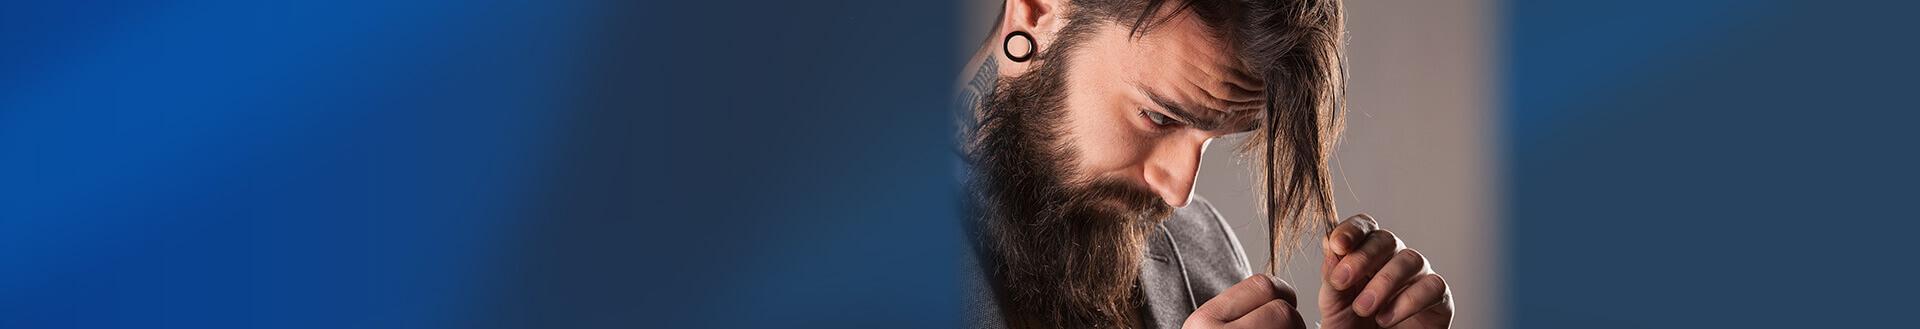 Über Haarausfall bei Männern